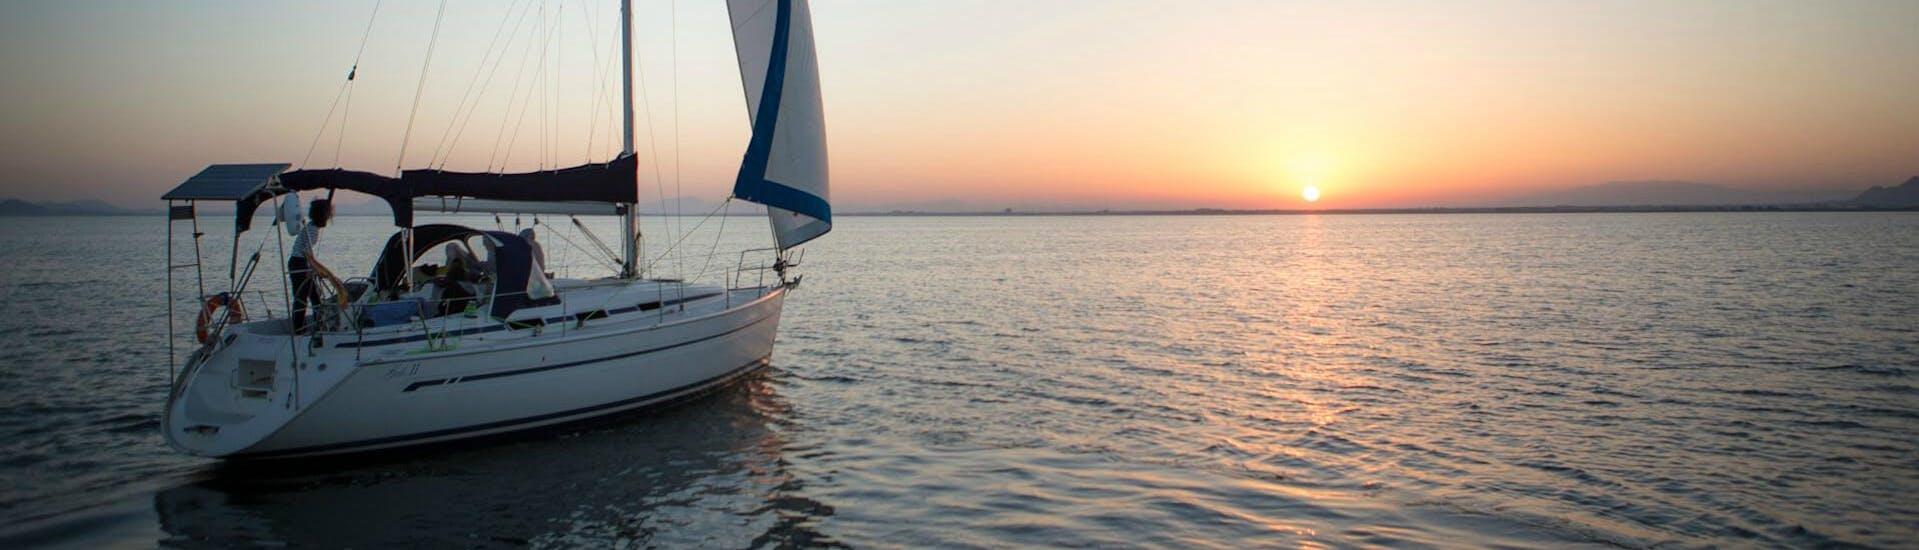 Paseo en Velero en el Mediterráneo a petición- Primavera